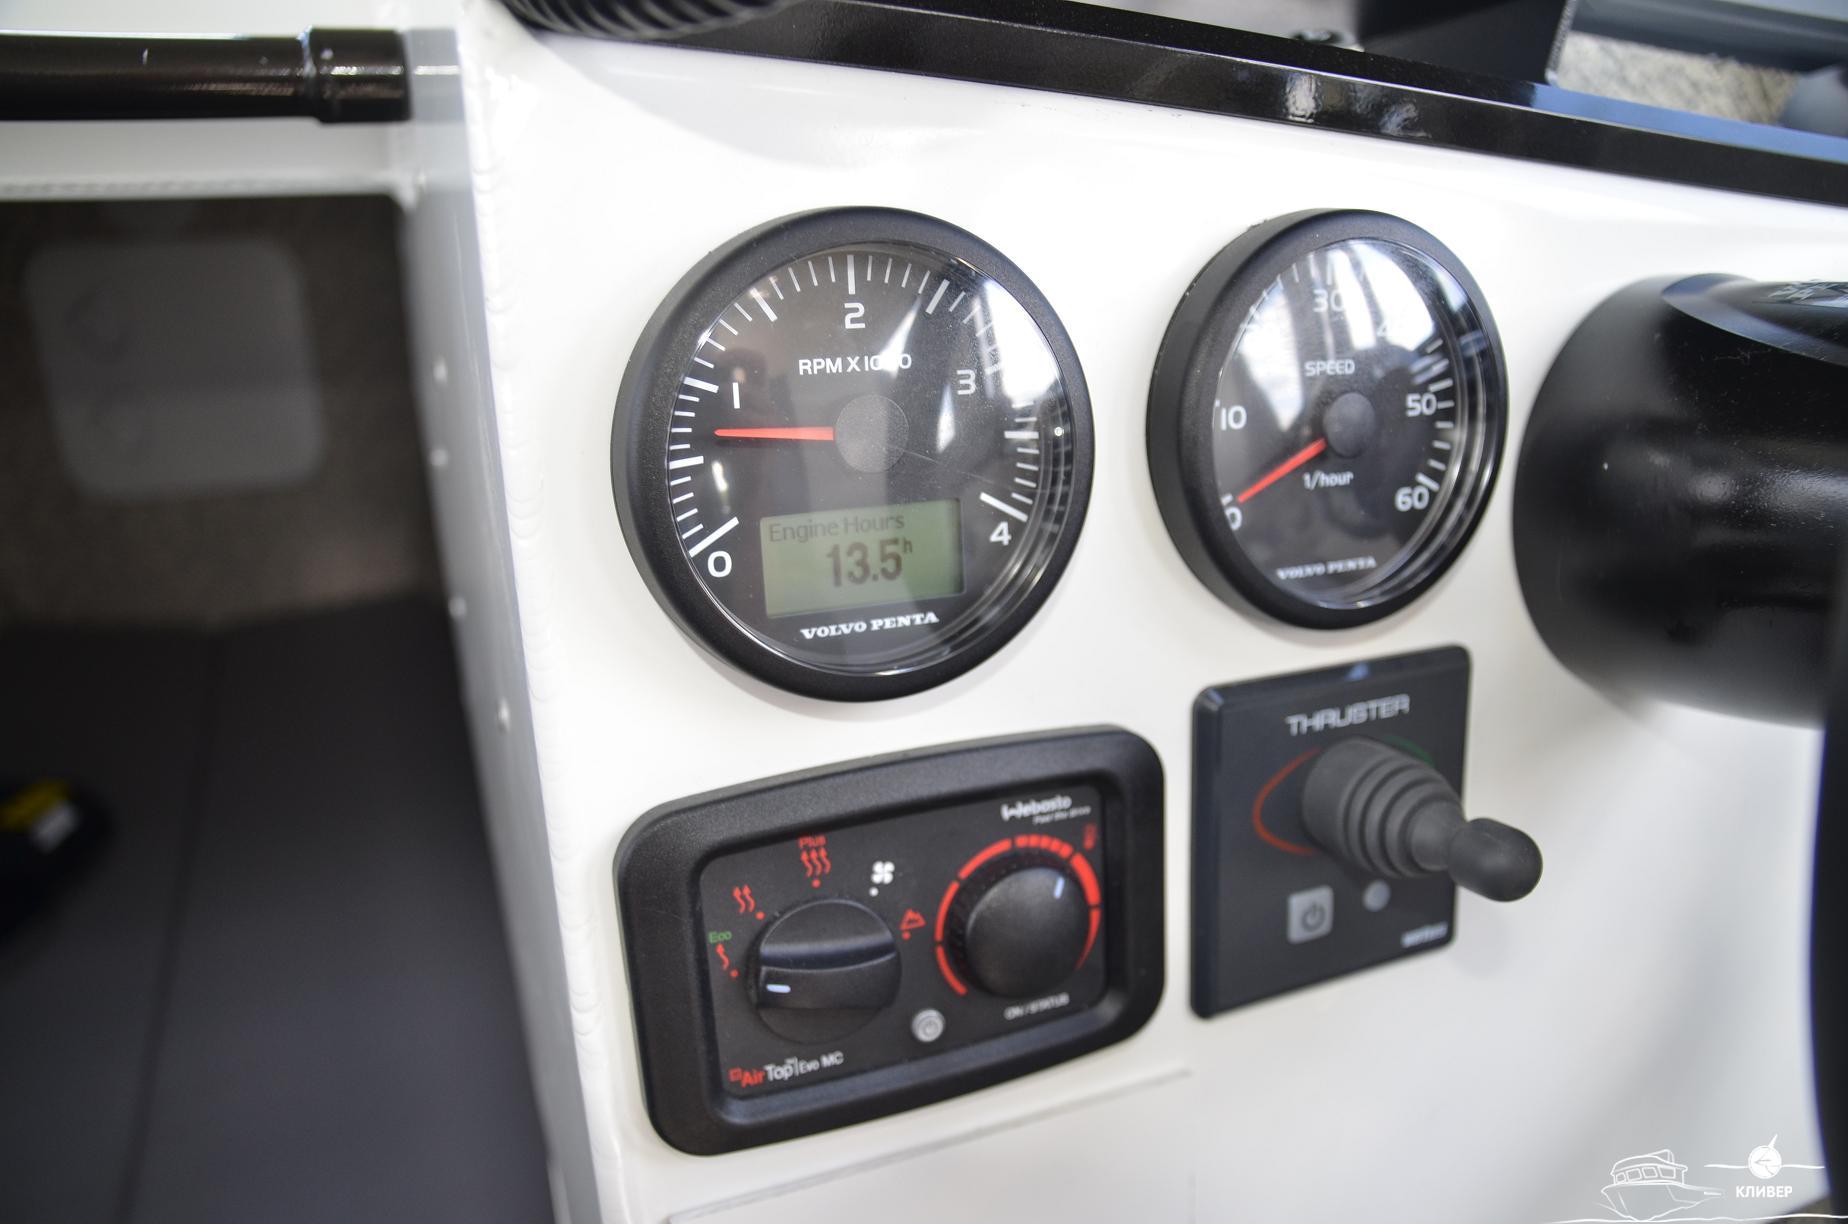 Приборная панель катера North Silver PRO 920 М St